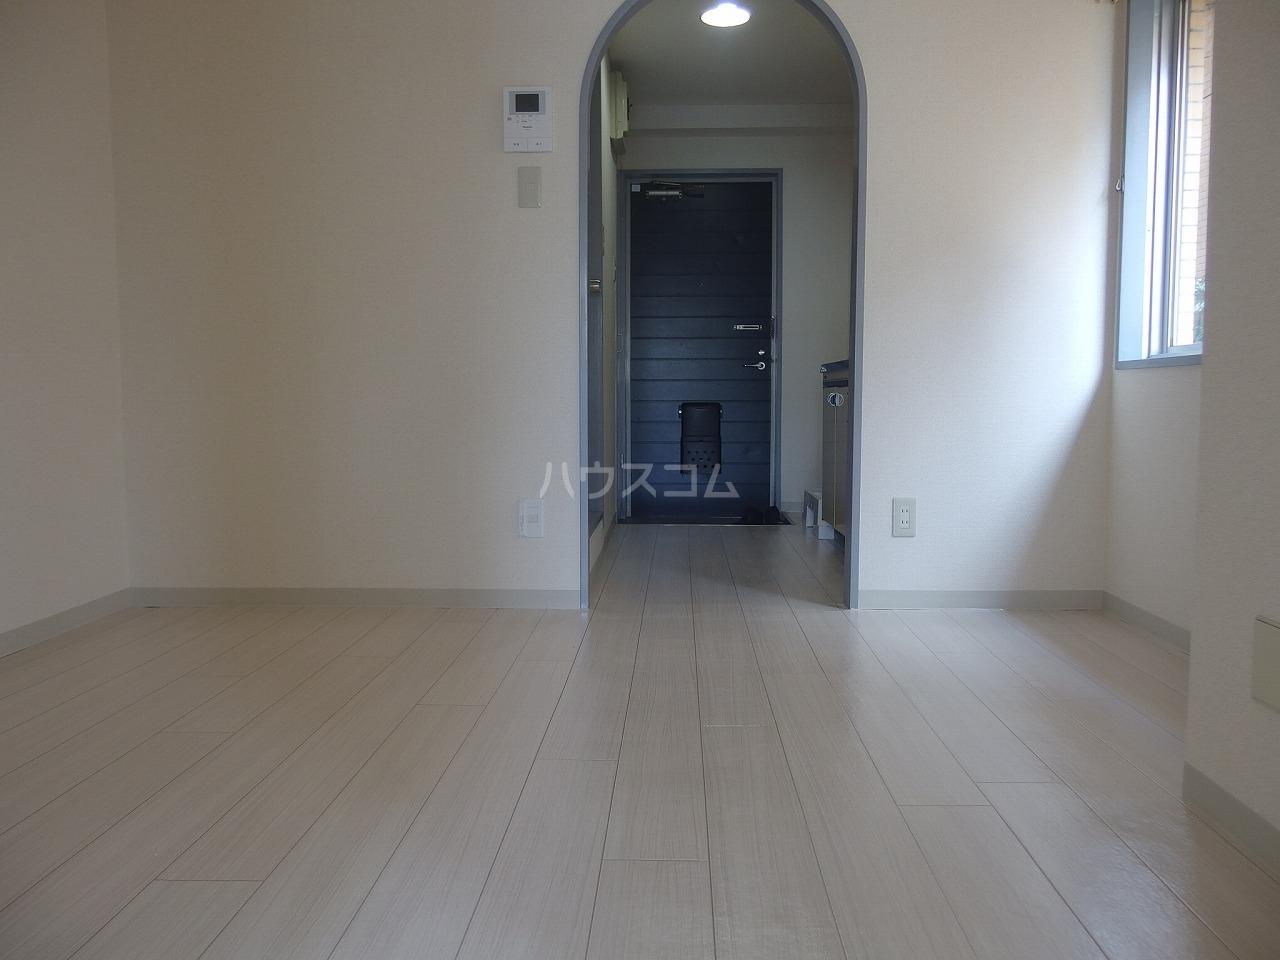 ウィンド聖蹟桜ヶ丘 303号室の居室